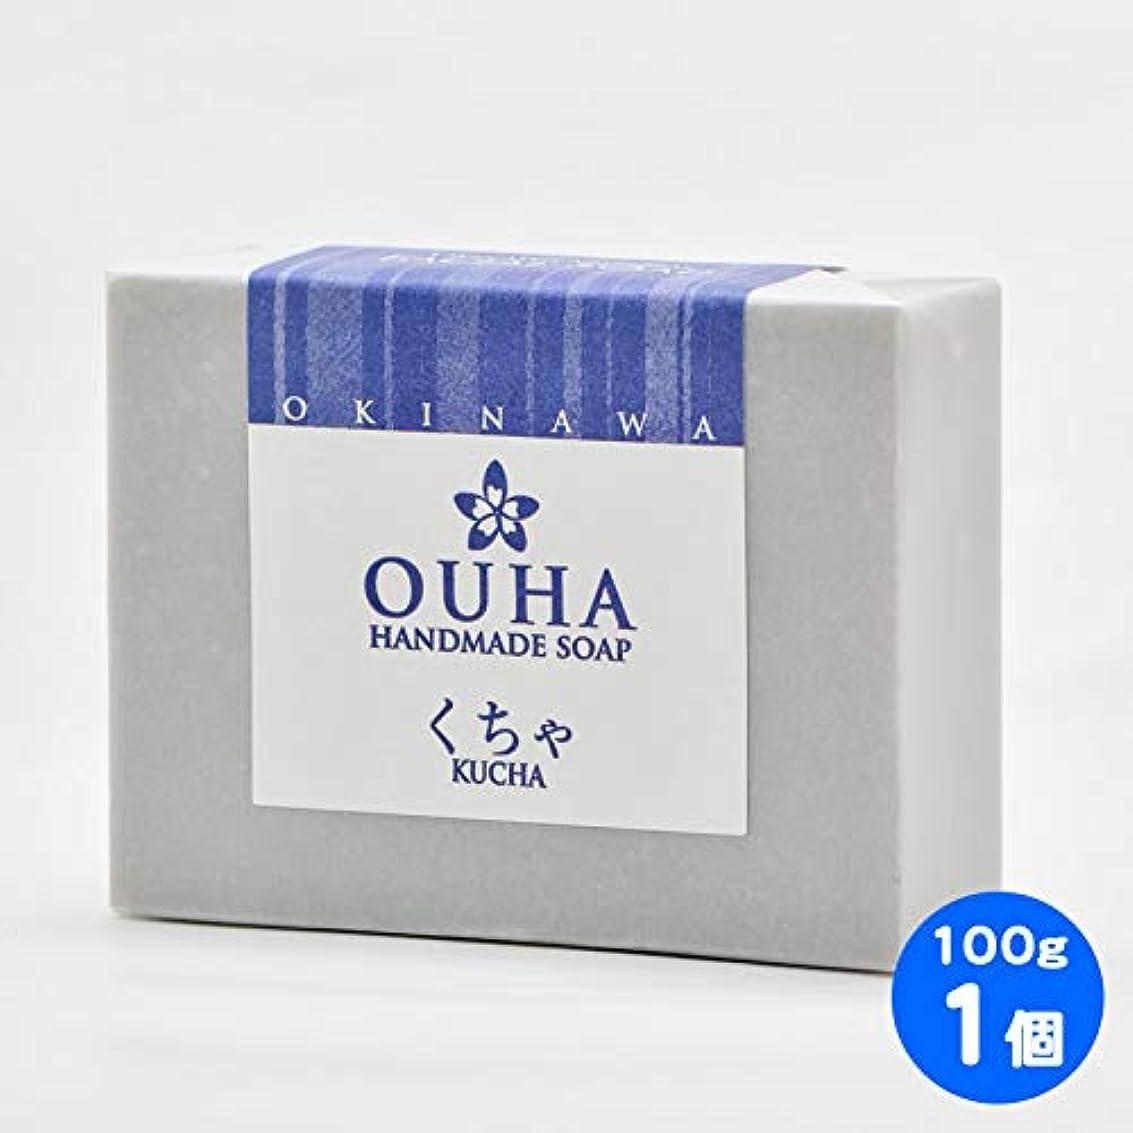 インチ習慣以内に【送料無料 定形外郵便】沖縄県産 OUHAソープ くちゃ 石鹸 100g 1個